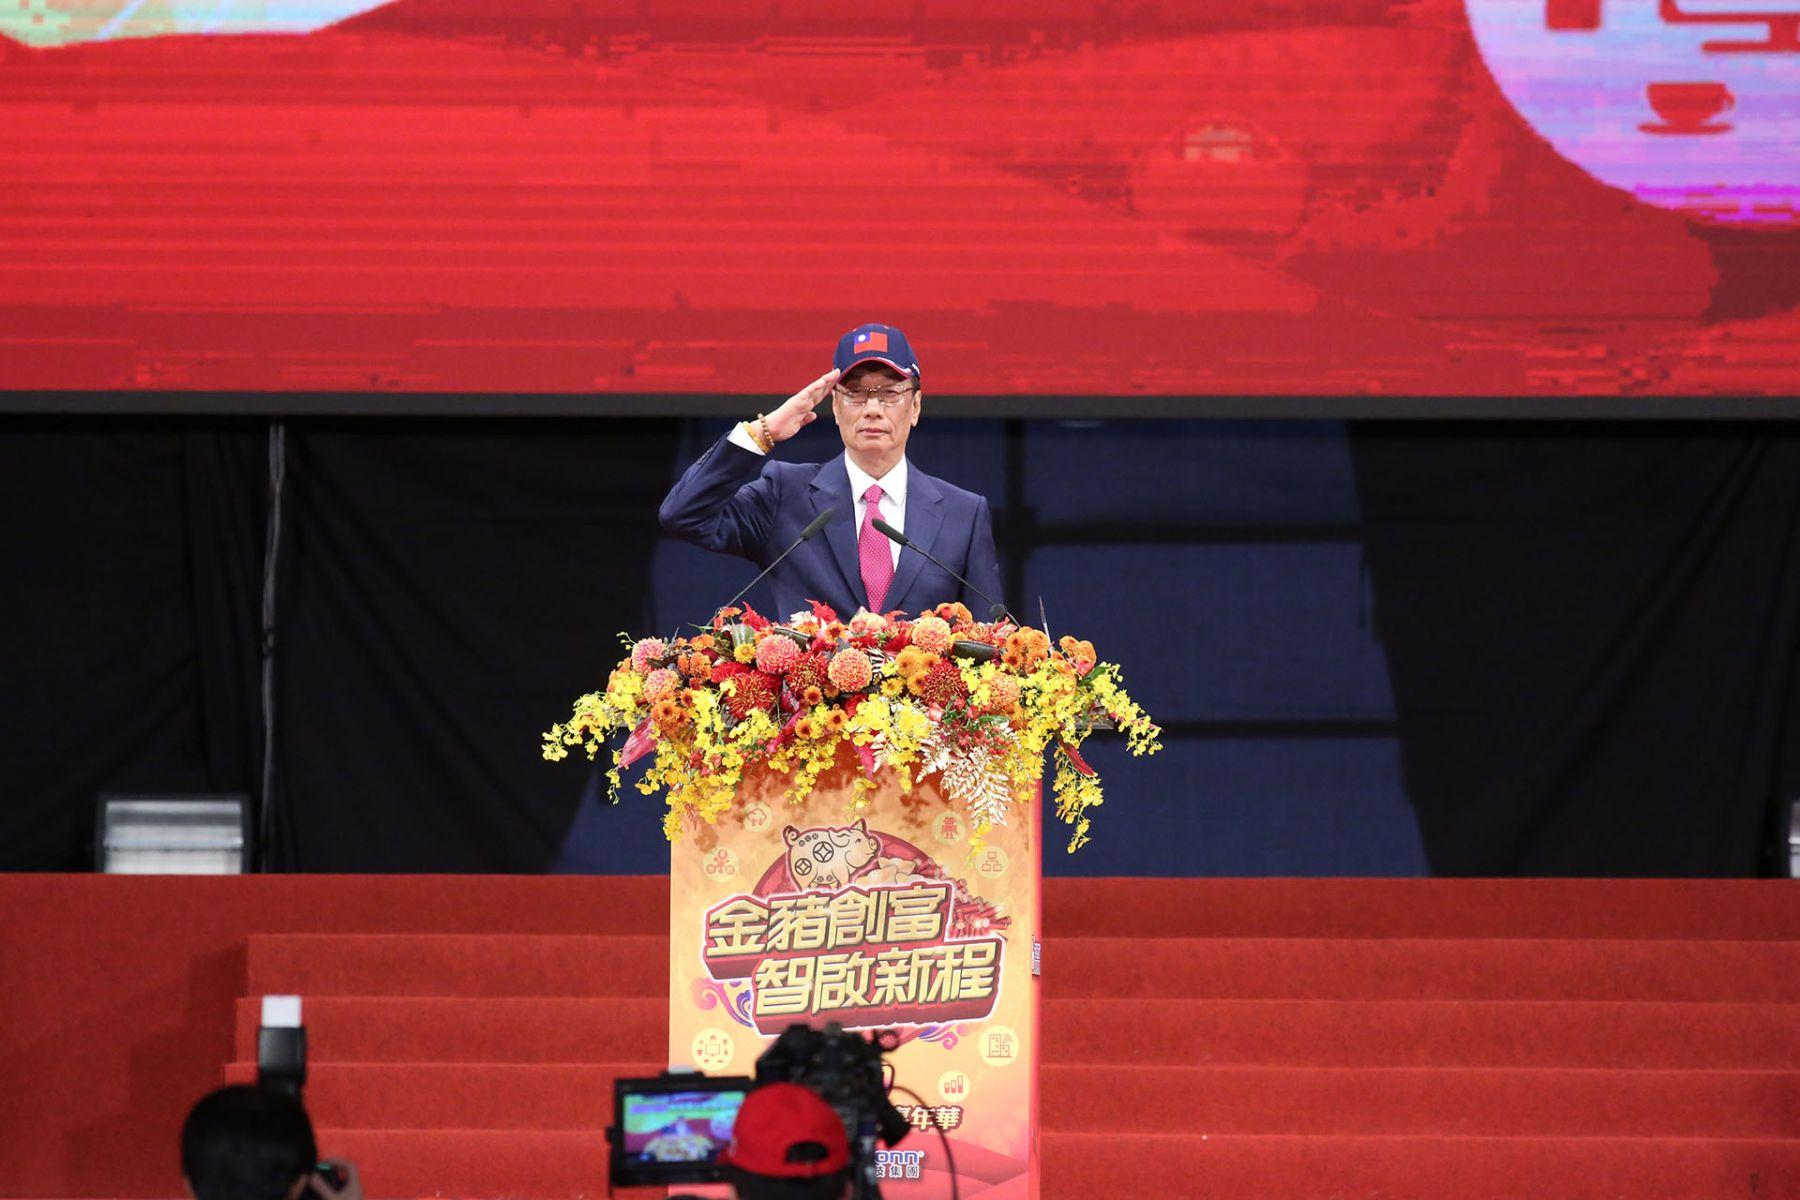 決定選總統前  郭台銘要先做到這件事